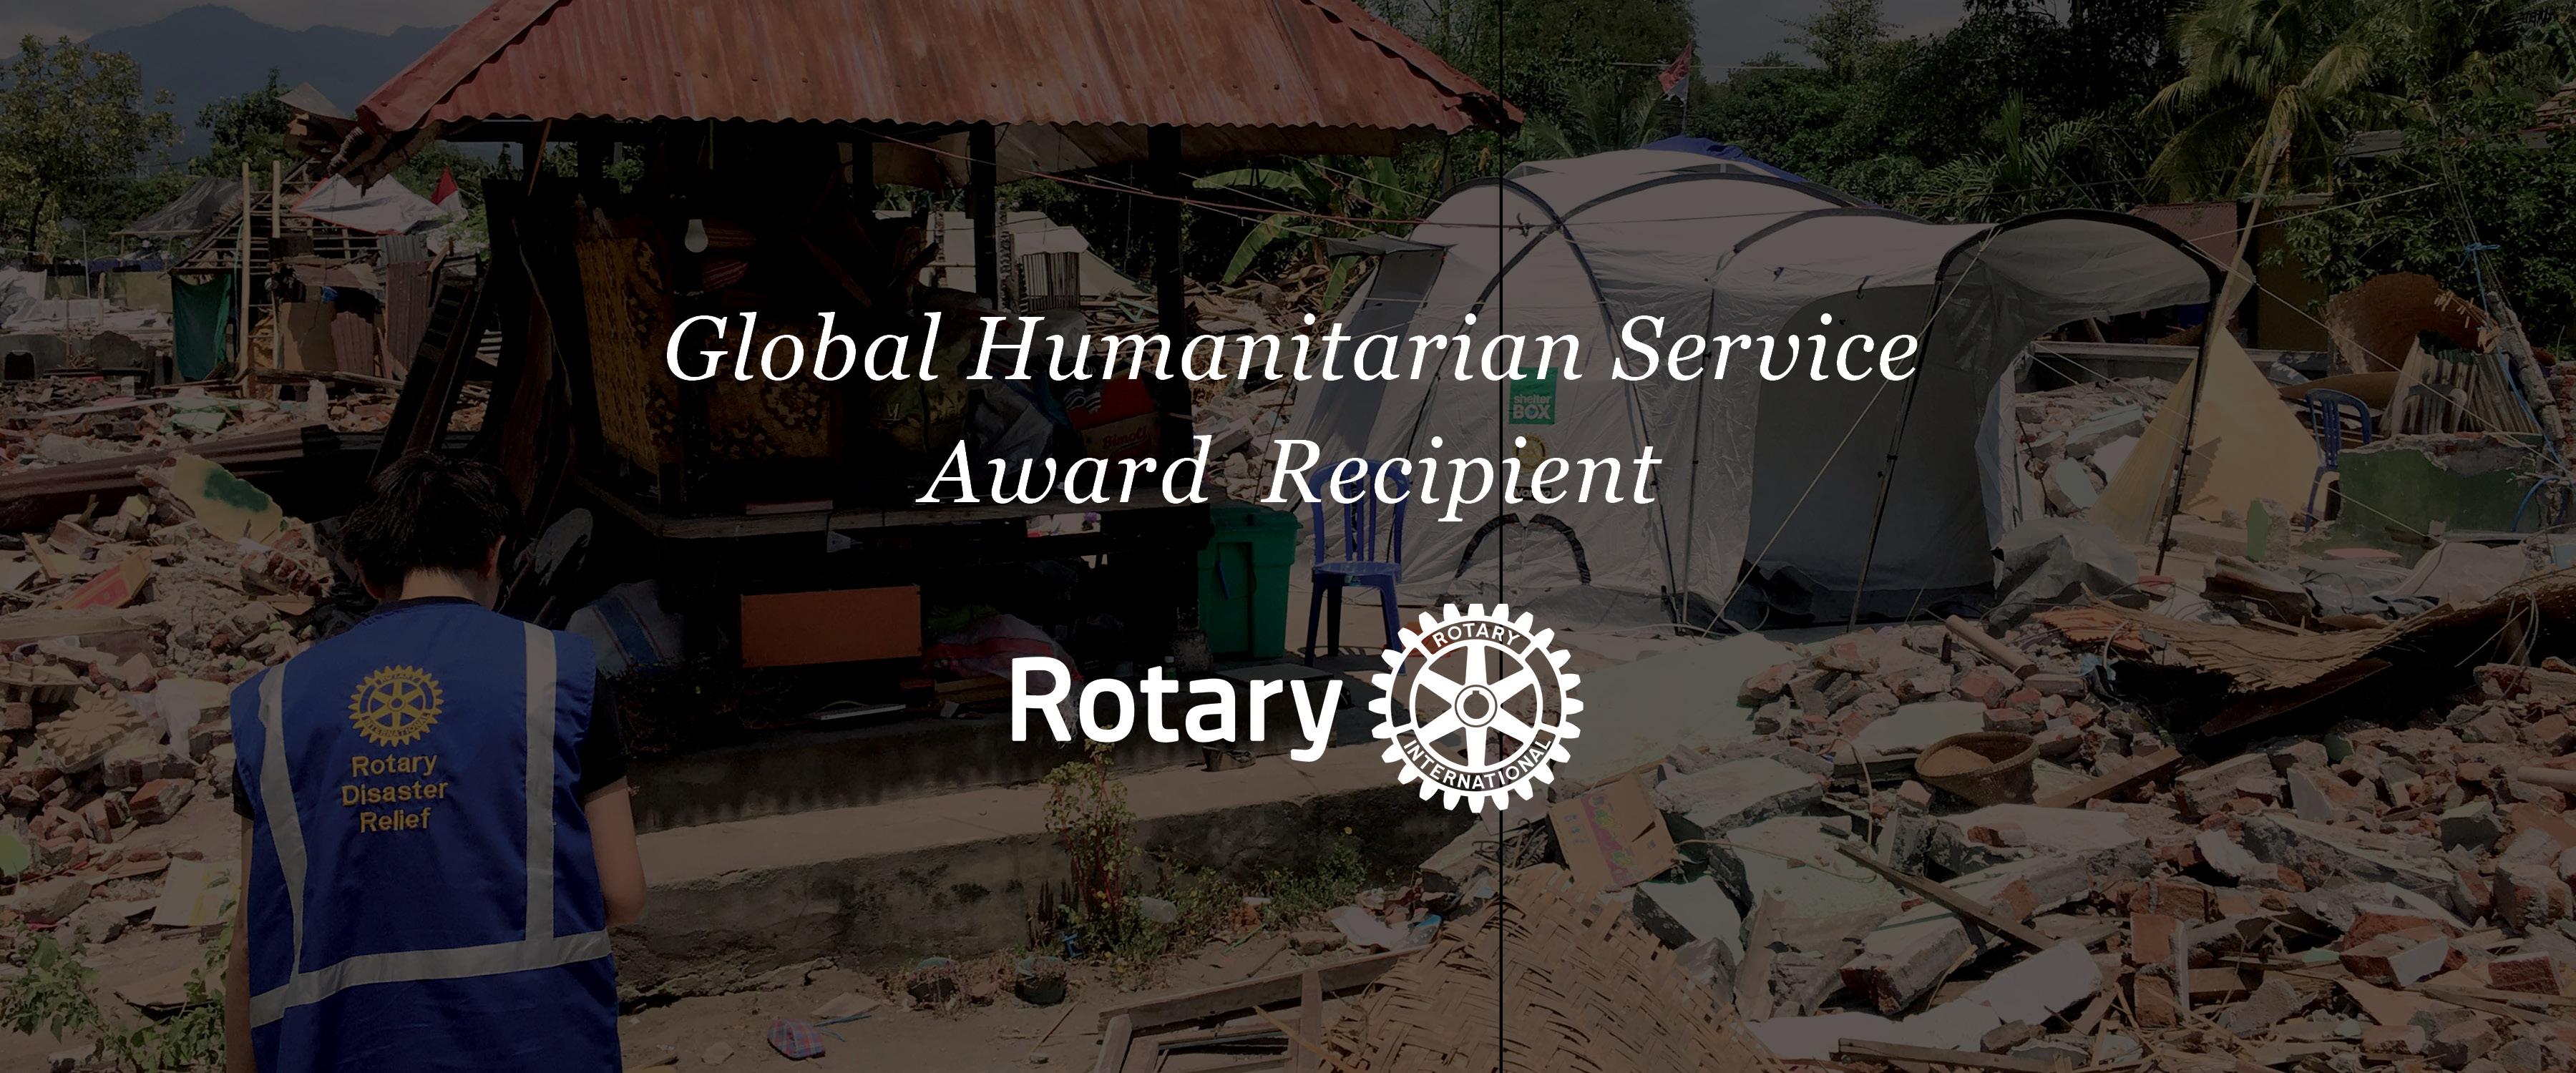 Global Humanitarian Service Award Recipient